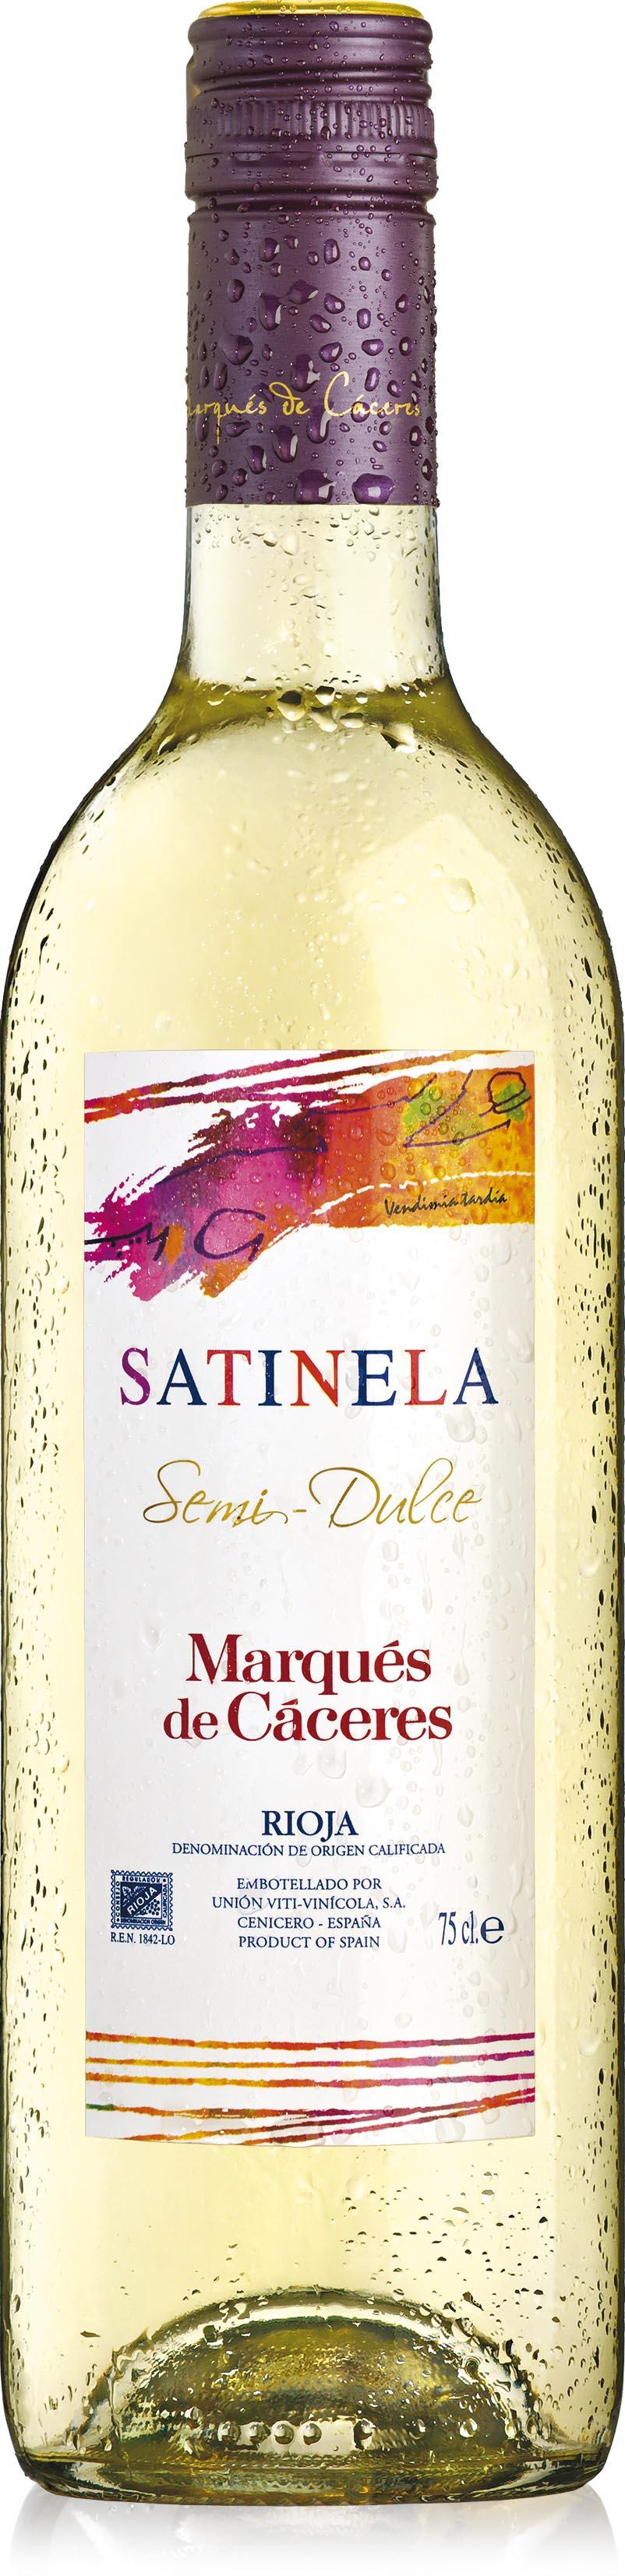 2016 Marques de Caceres Satinela Blanco halbtrocken Rioja D.O.